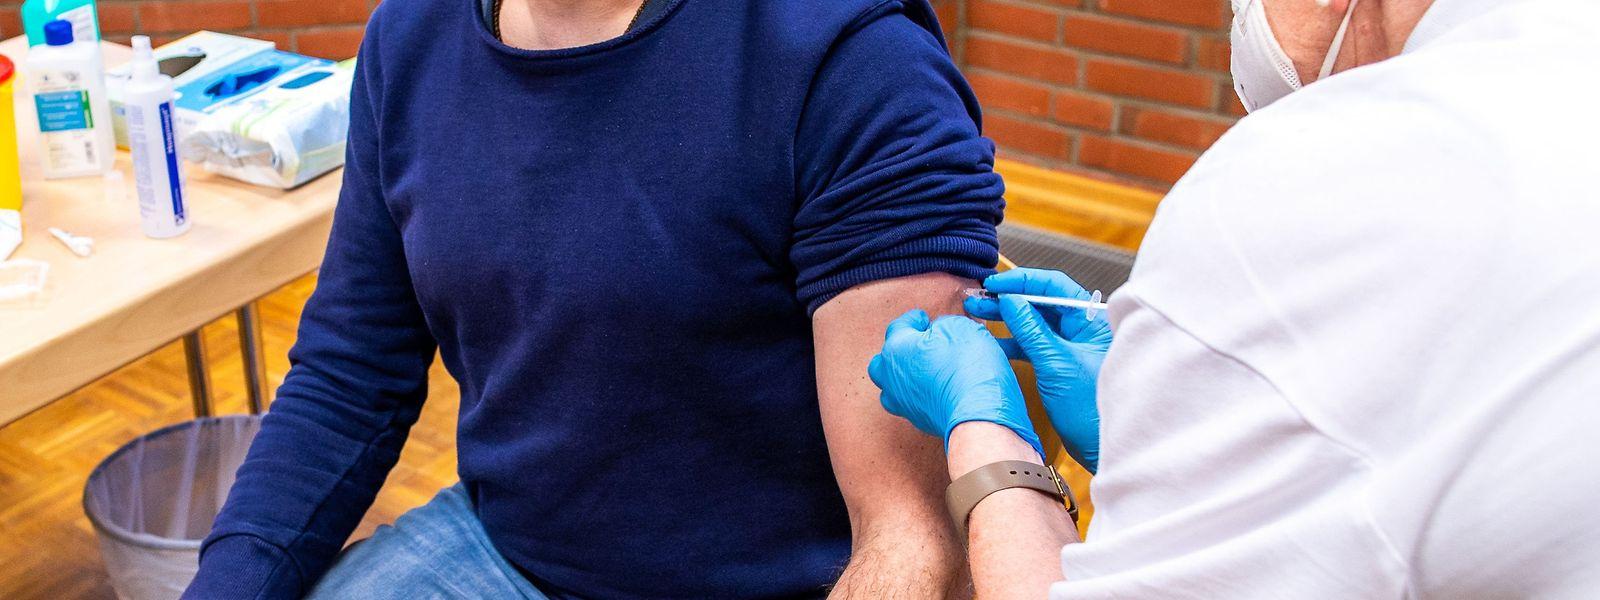 Bevor eine Impfkampagne in den Unternehmen stattfinden kann, muss genügend Impfstoff zur Verfügung stehen.